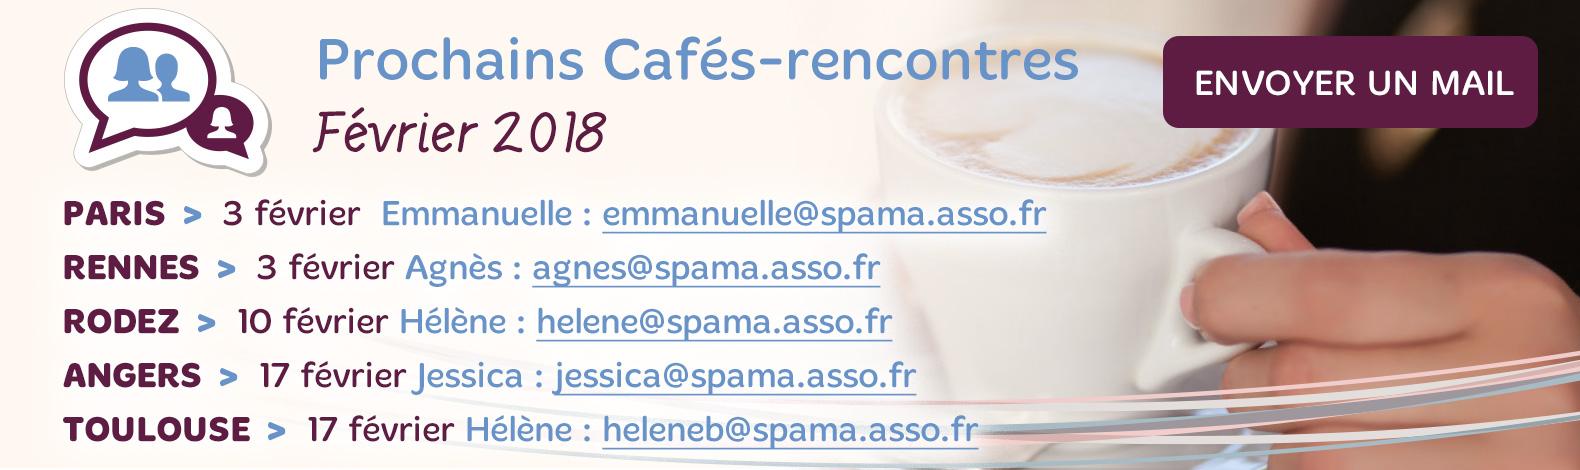 Cafés Rencontres Février 2018